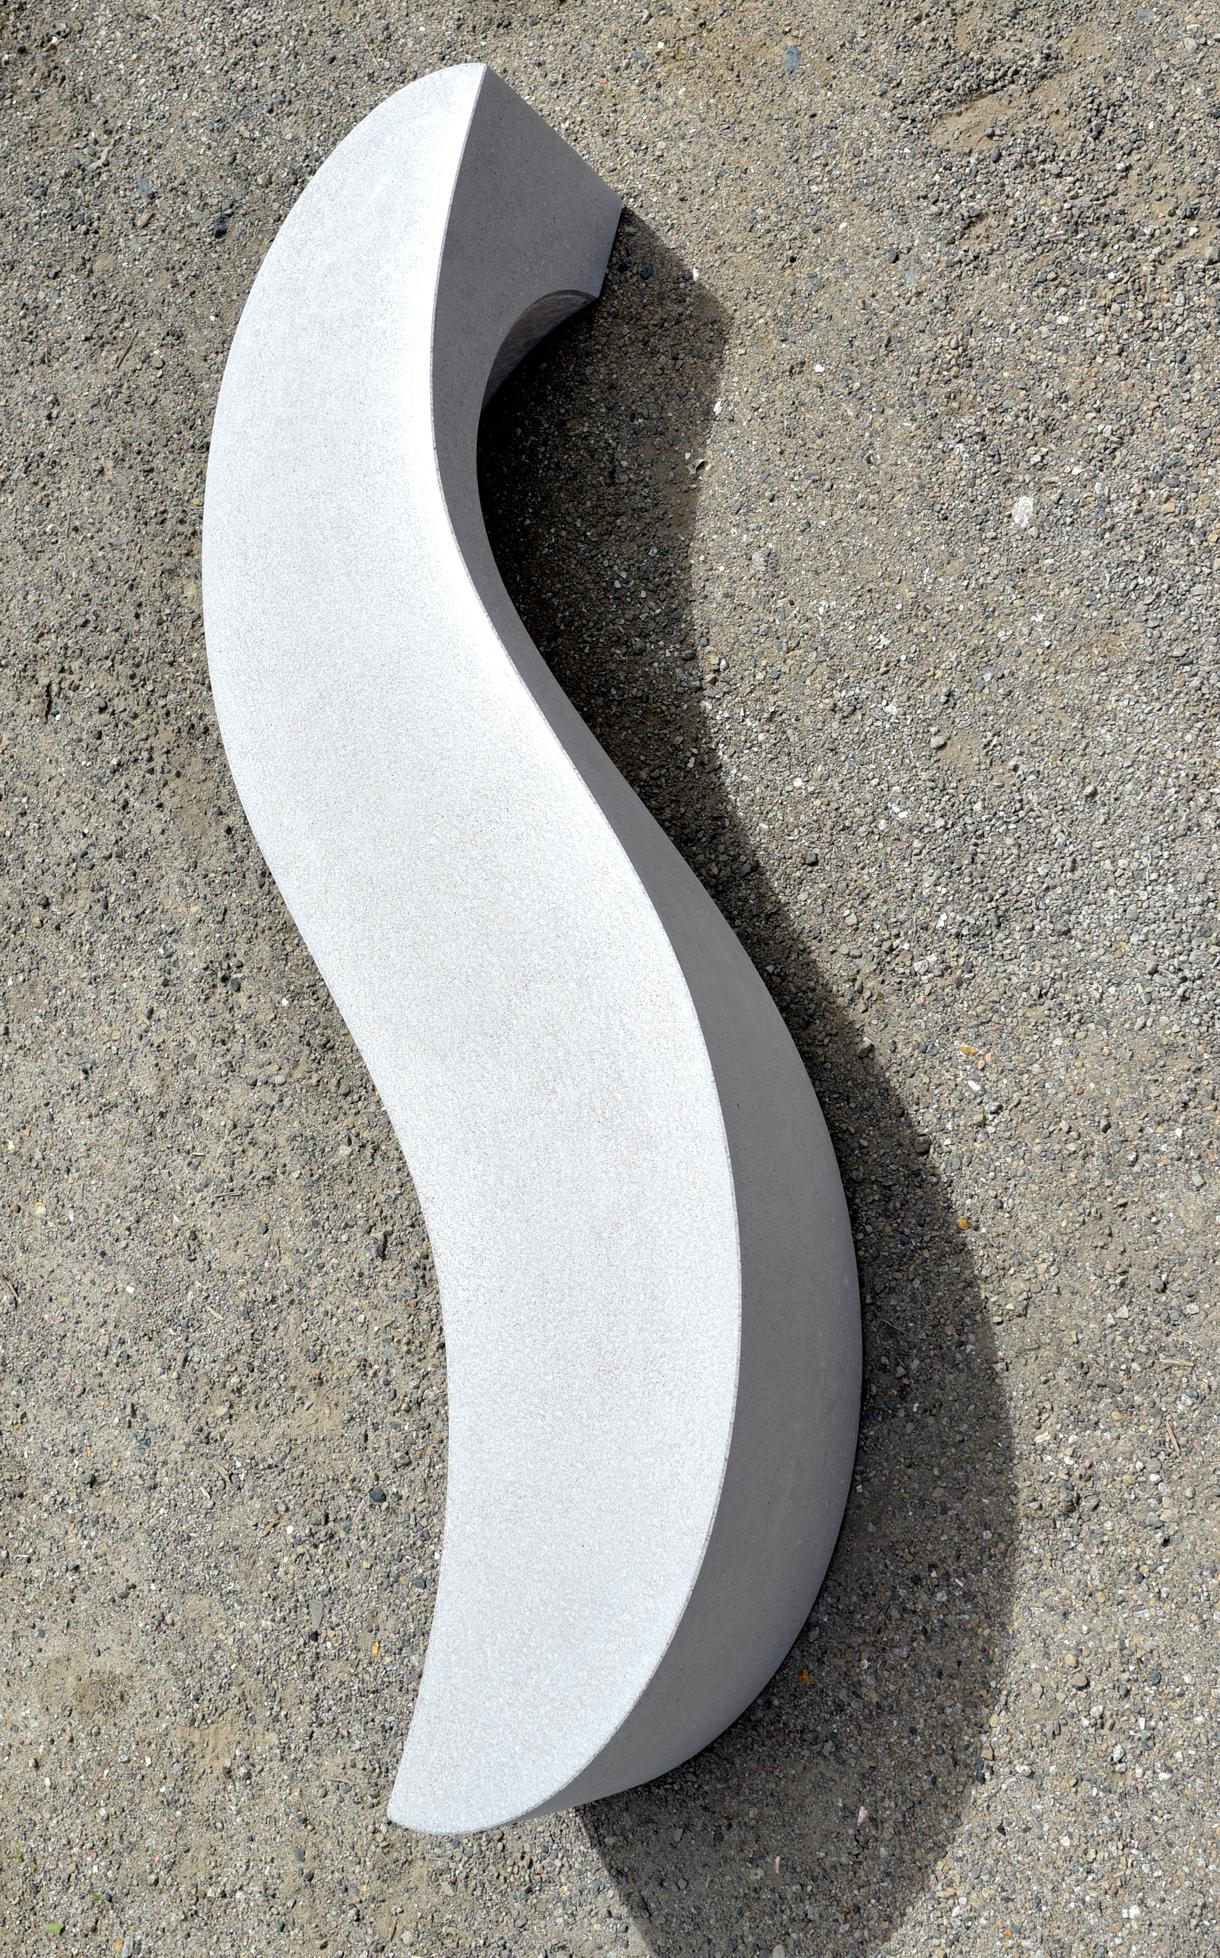 Wave bench by artist Ben Barrell